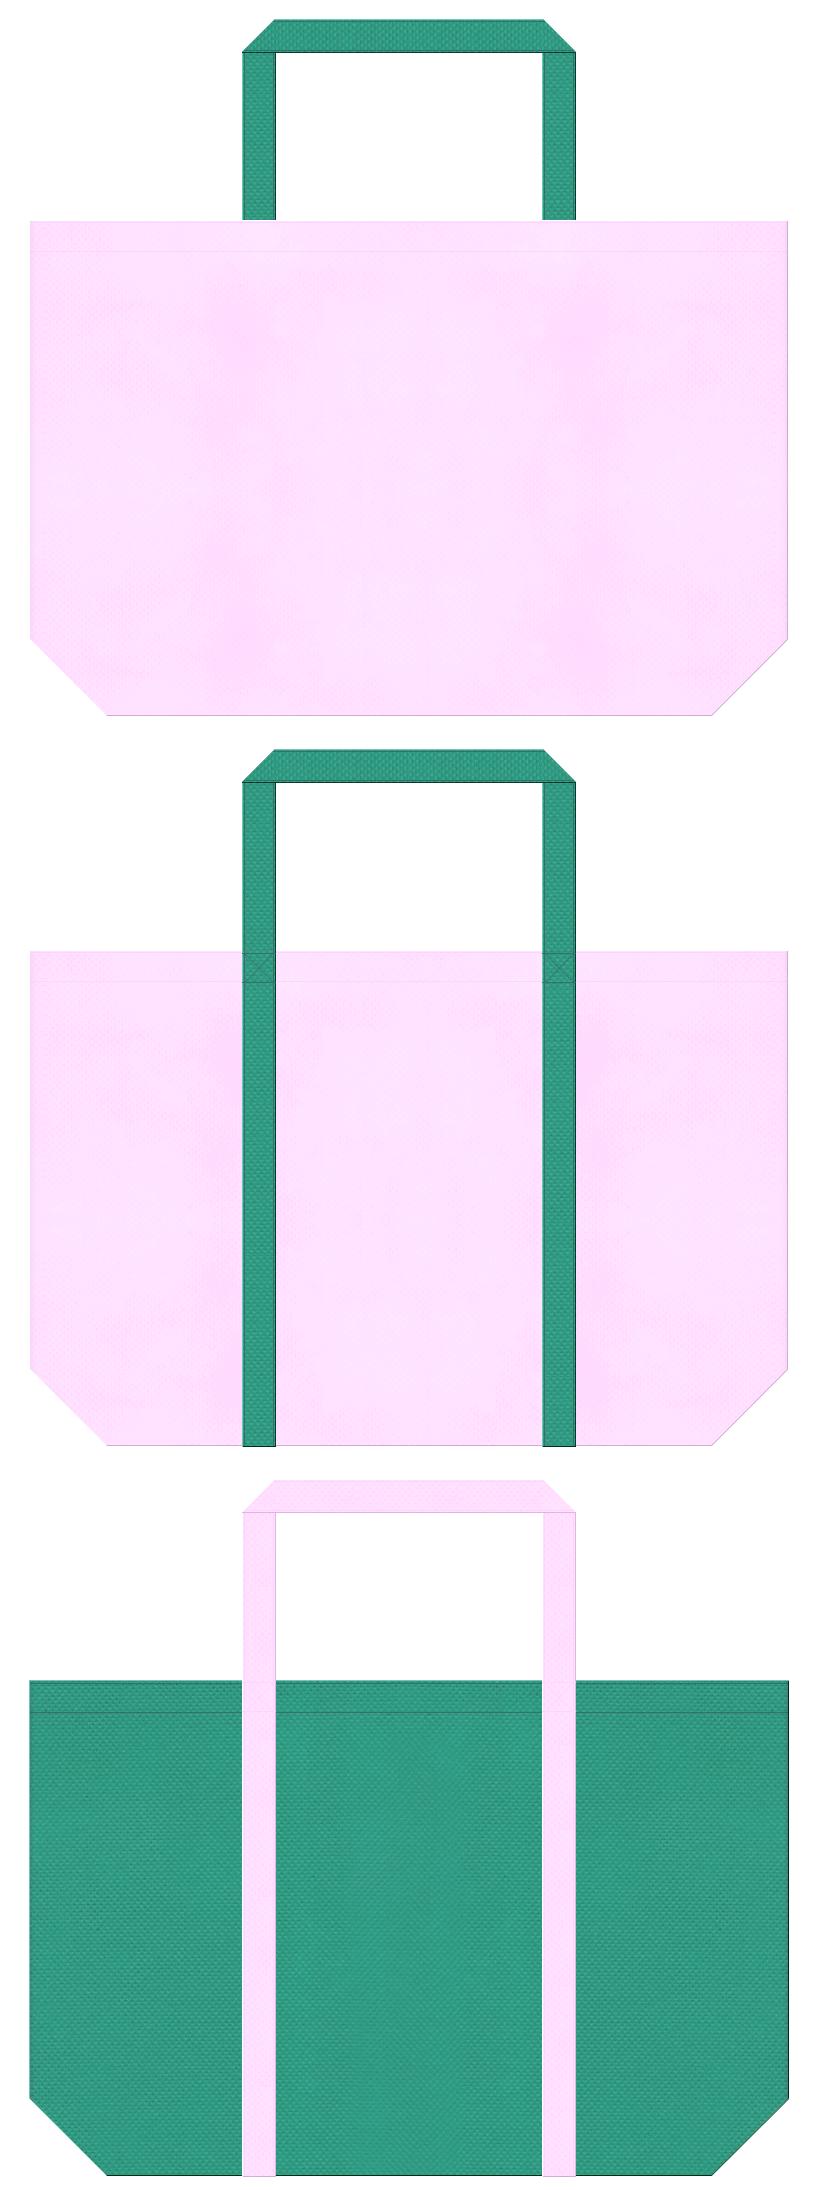 シャンプー・石鹸・洗剤・入浴剤・バス用品・お掃除用品・家庭用品の展示会用バッグにお奨めの不織布バッグのデザイン:パステルピンク色と青緑色のコーデ